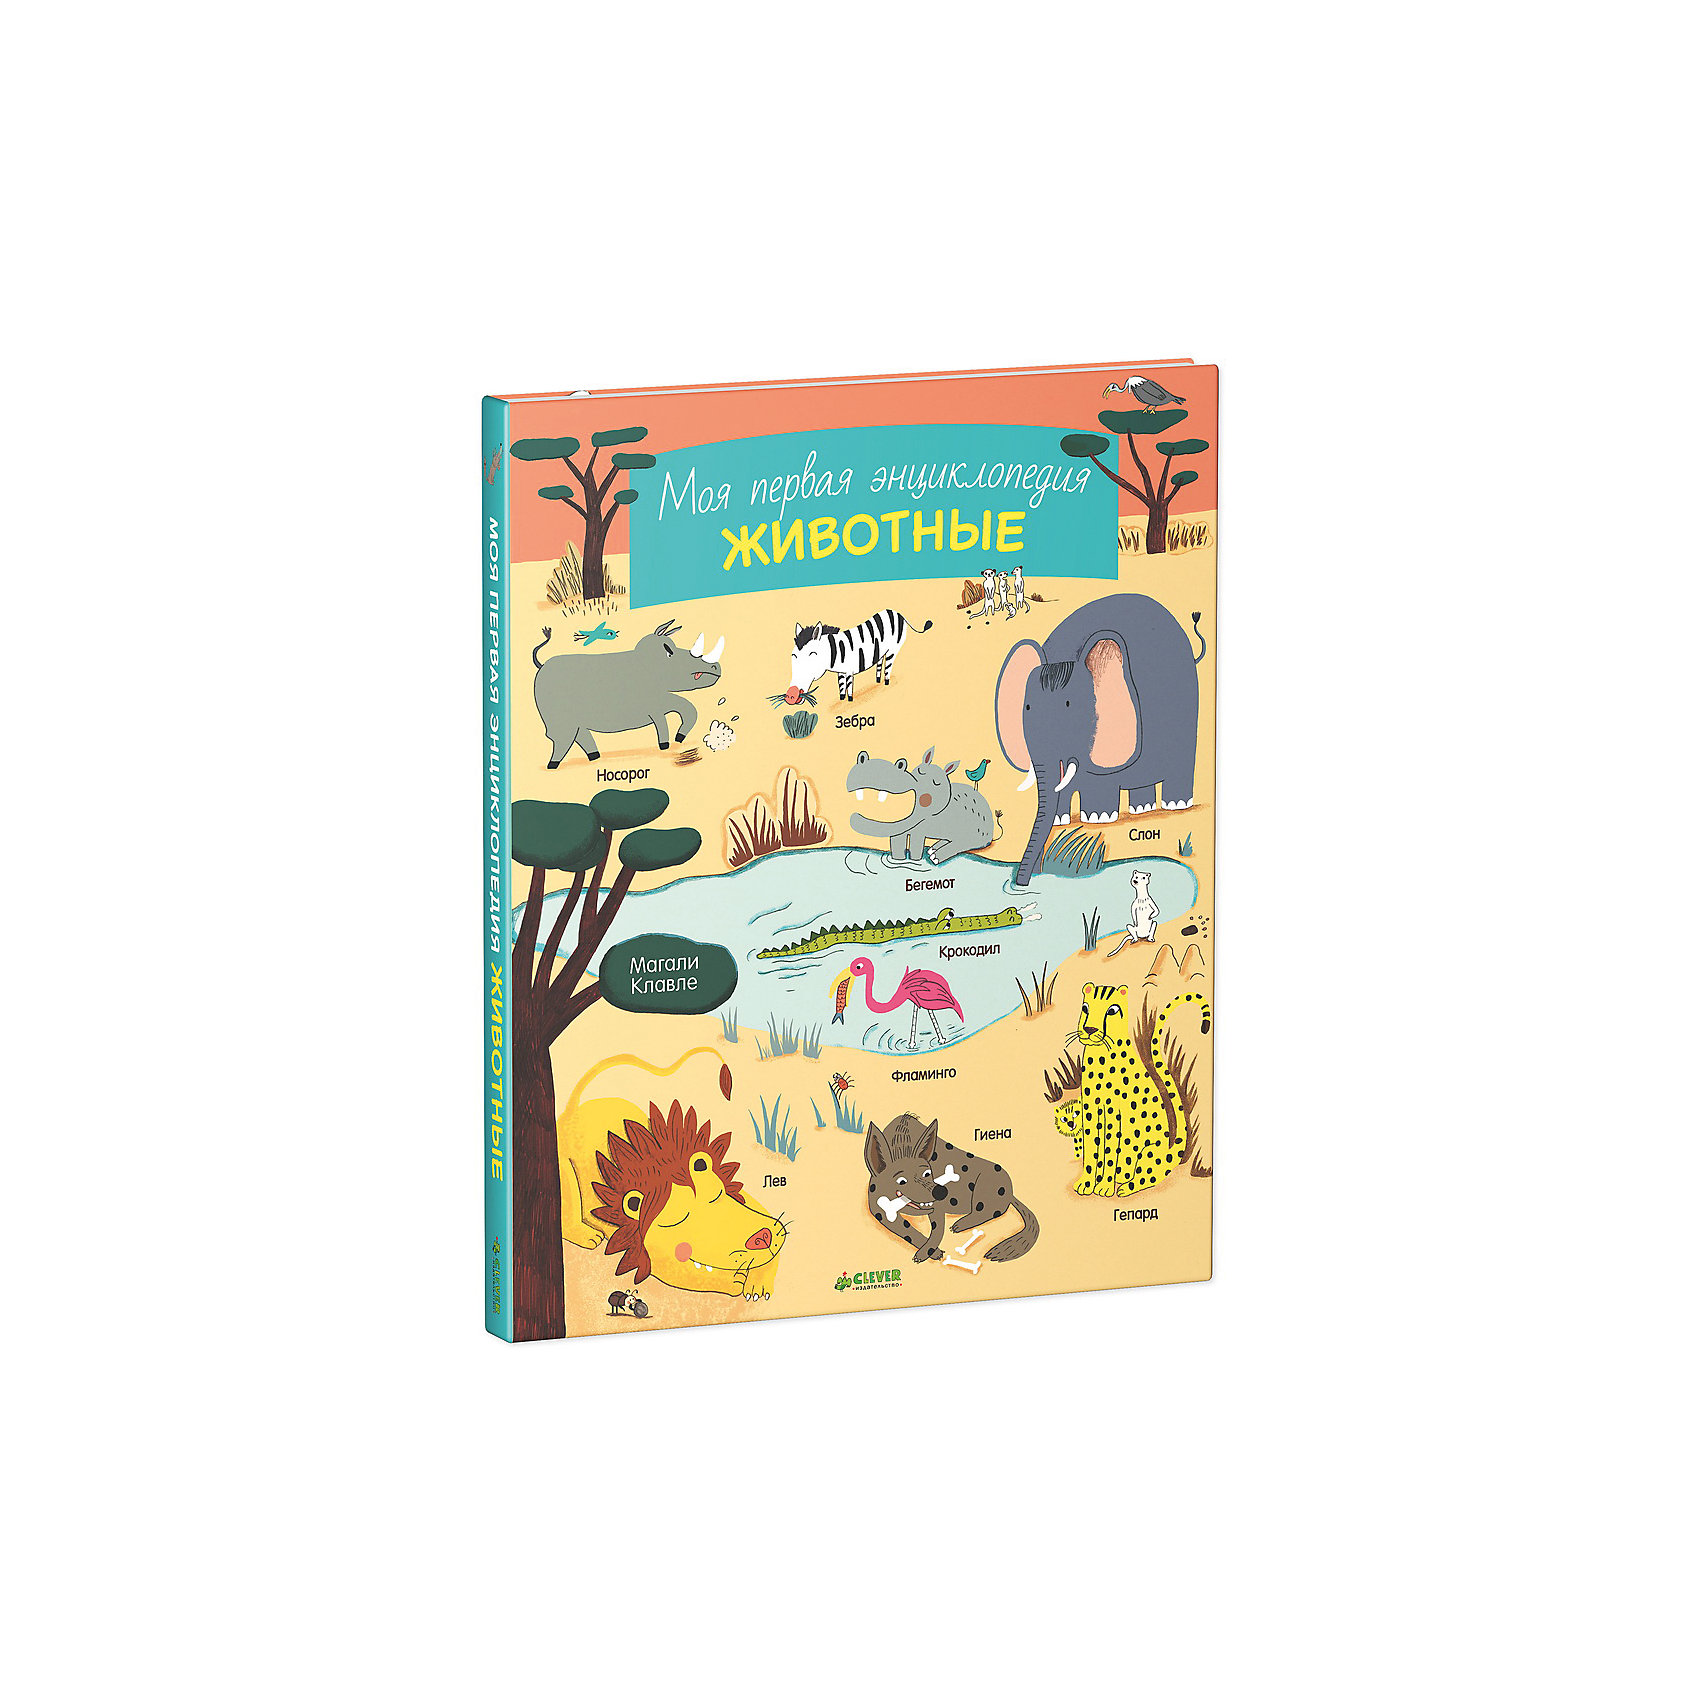 Моя первая энциклопедия ЖивотныеКрасочная книга «Моя первая энциклопедия. Животные» совмещает в себе мини-энциклопедию животного мира и весёлую игру найди и покажи. Здесь вы найдете 12 разнообразных тем, 150 животных – и всё для того, чтобы ребёнок весело и с удовольствием узнавал новые слова, развивал внимательность и познавал окружающий мир. Каждый разворот энциклопедии посвящён месту обитания животных: дом, деревня, лес, Северный полюс, джунгли, саванна, море, река, горы. Отдельные развороты знакомят с птицами и насекомыми, а в конце книги сюрприз: животные в цирке.  <br><br>Дополнительная информация:<br><br>- Художник: Клавле Магали.<br>- Переплет: твердый.<br>- Формат: 32,2х26,7 см.<br>- Количество страниц: 26<br>- Иллюстрации: цветные. <br><br>Книгу Моя первая энциклопедия Животные можно купить в нашем магазине.<br><br>Ширина мм: 264<br>Глубина мм: 320<br>Высота мм: 24<br>Вес г: 1027<br>Возраст от месяцев: 48<br>Возраст до месяцев: 72<br>Пол: Унисекс<br>Возраст: Детский<br>SKU: 4419590